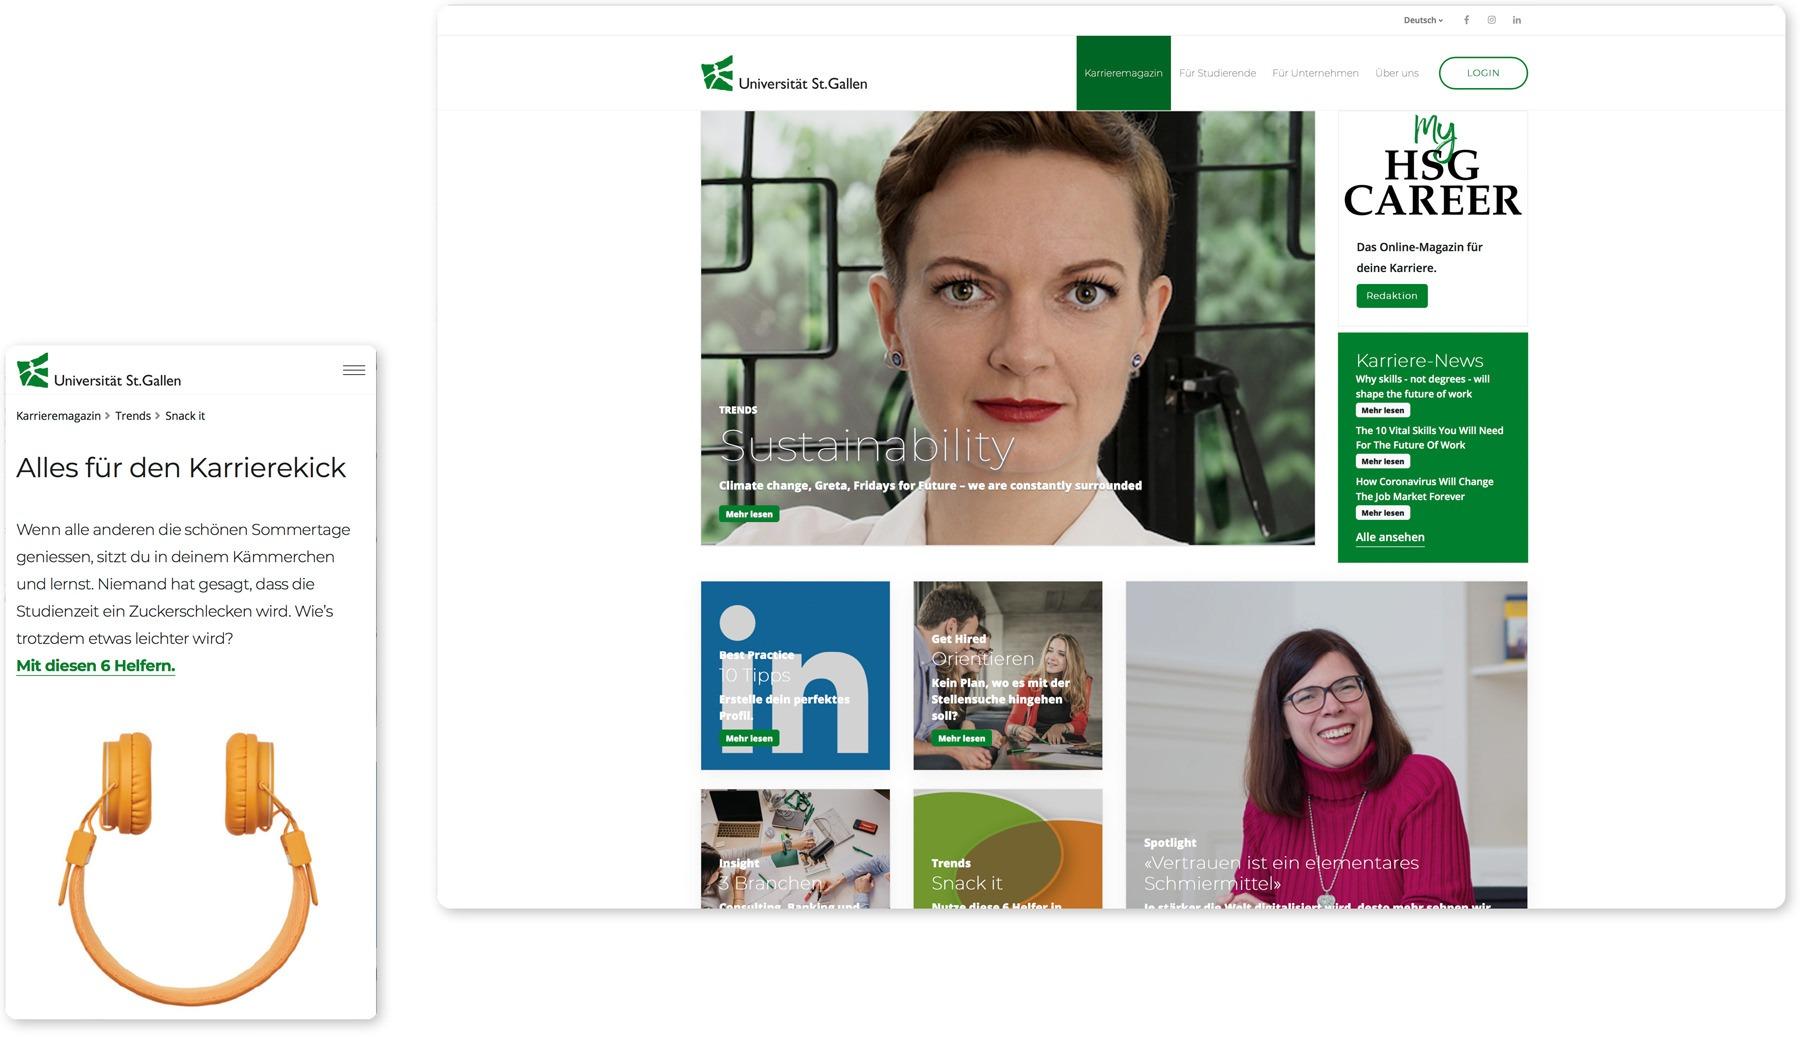 Aufsicht des Karrieremagazins und responsive Web-Ansicht des Career Centers der Universität St. Gallen, entwickelt und produziert von Pur Kommunikation.